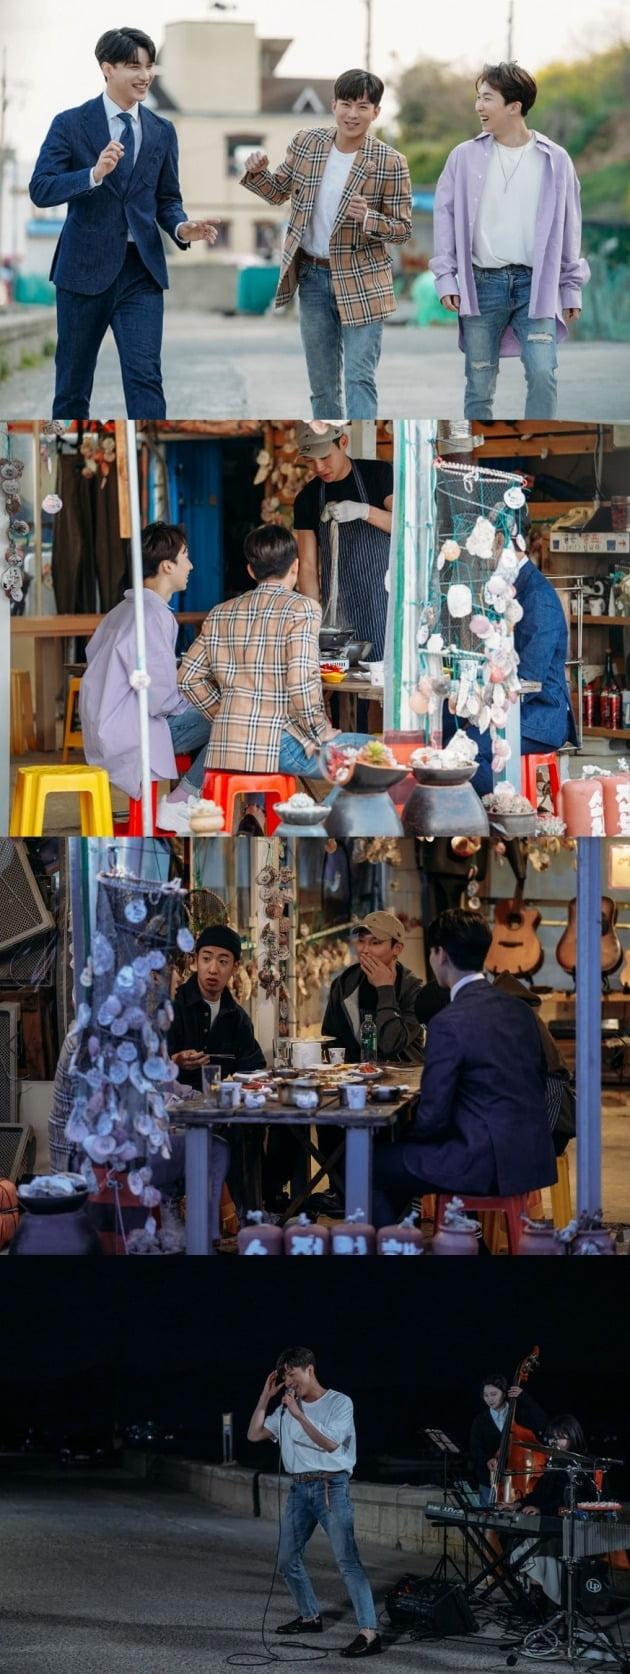 가수 나태주, 노지훈, 양지원이 '주문 바다요'의 첫 손님으로 출연한다. / 사진제공=MBC에브리원